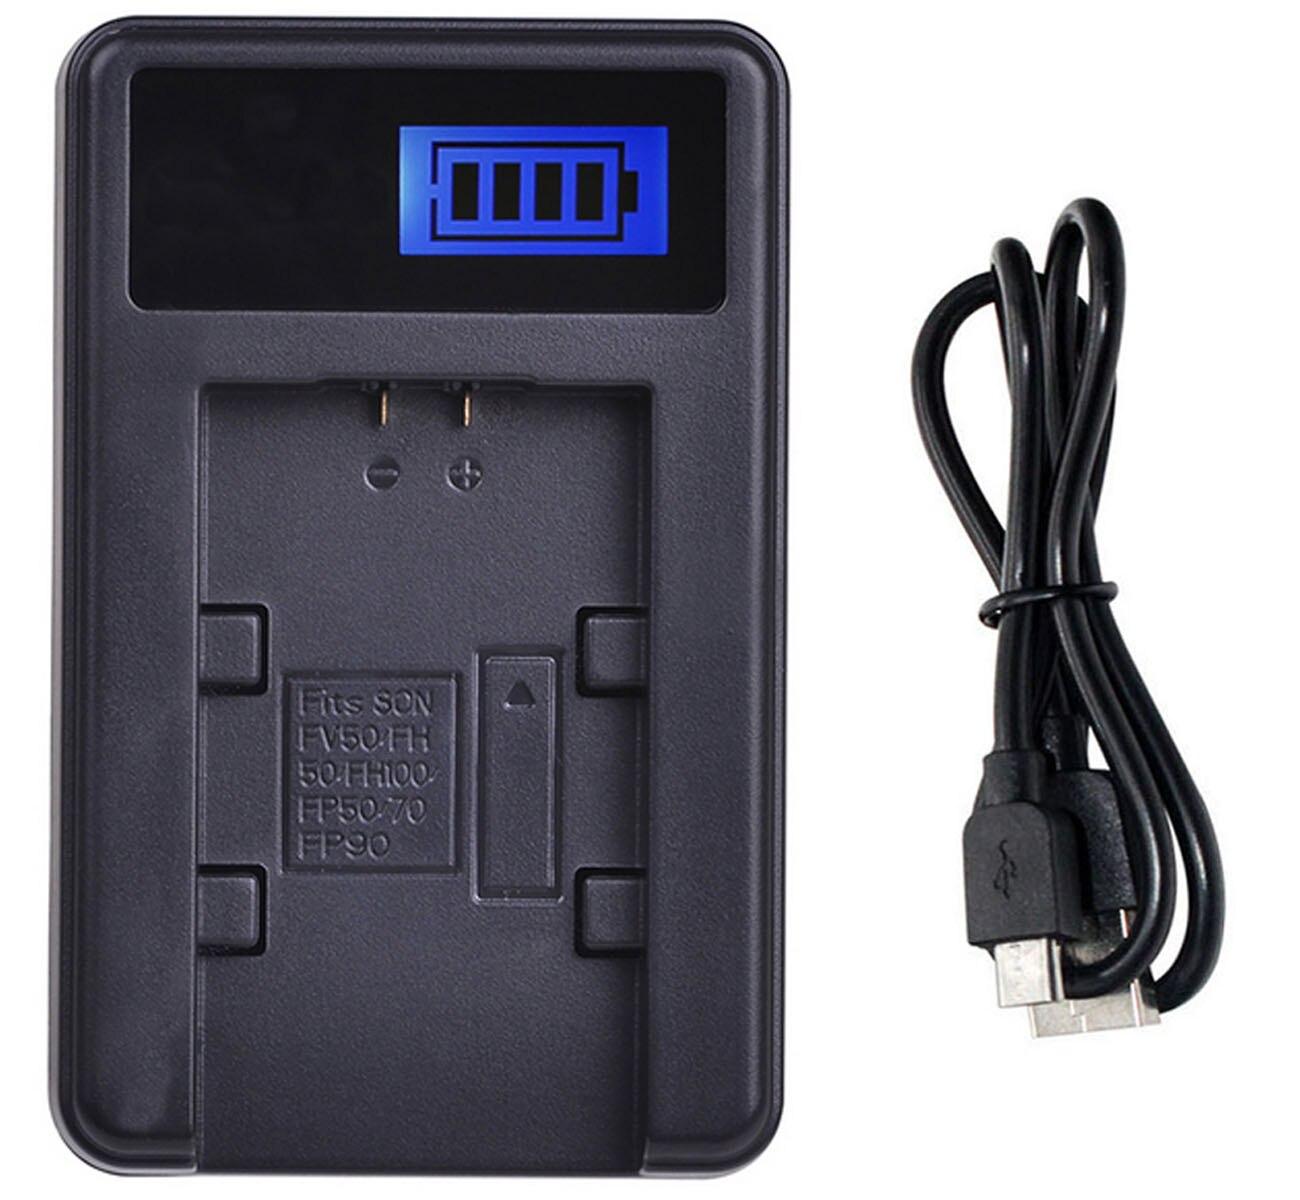 Battery Charger for Sony DCR-SX15E, DCR-SX20E, DCR-SX21E, DCR-SX22E, DCR-SX30E, DCR-SX31E,DCR-SX33E,